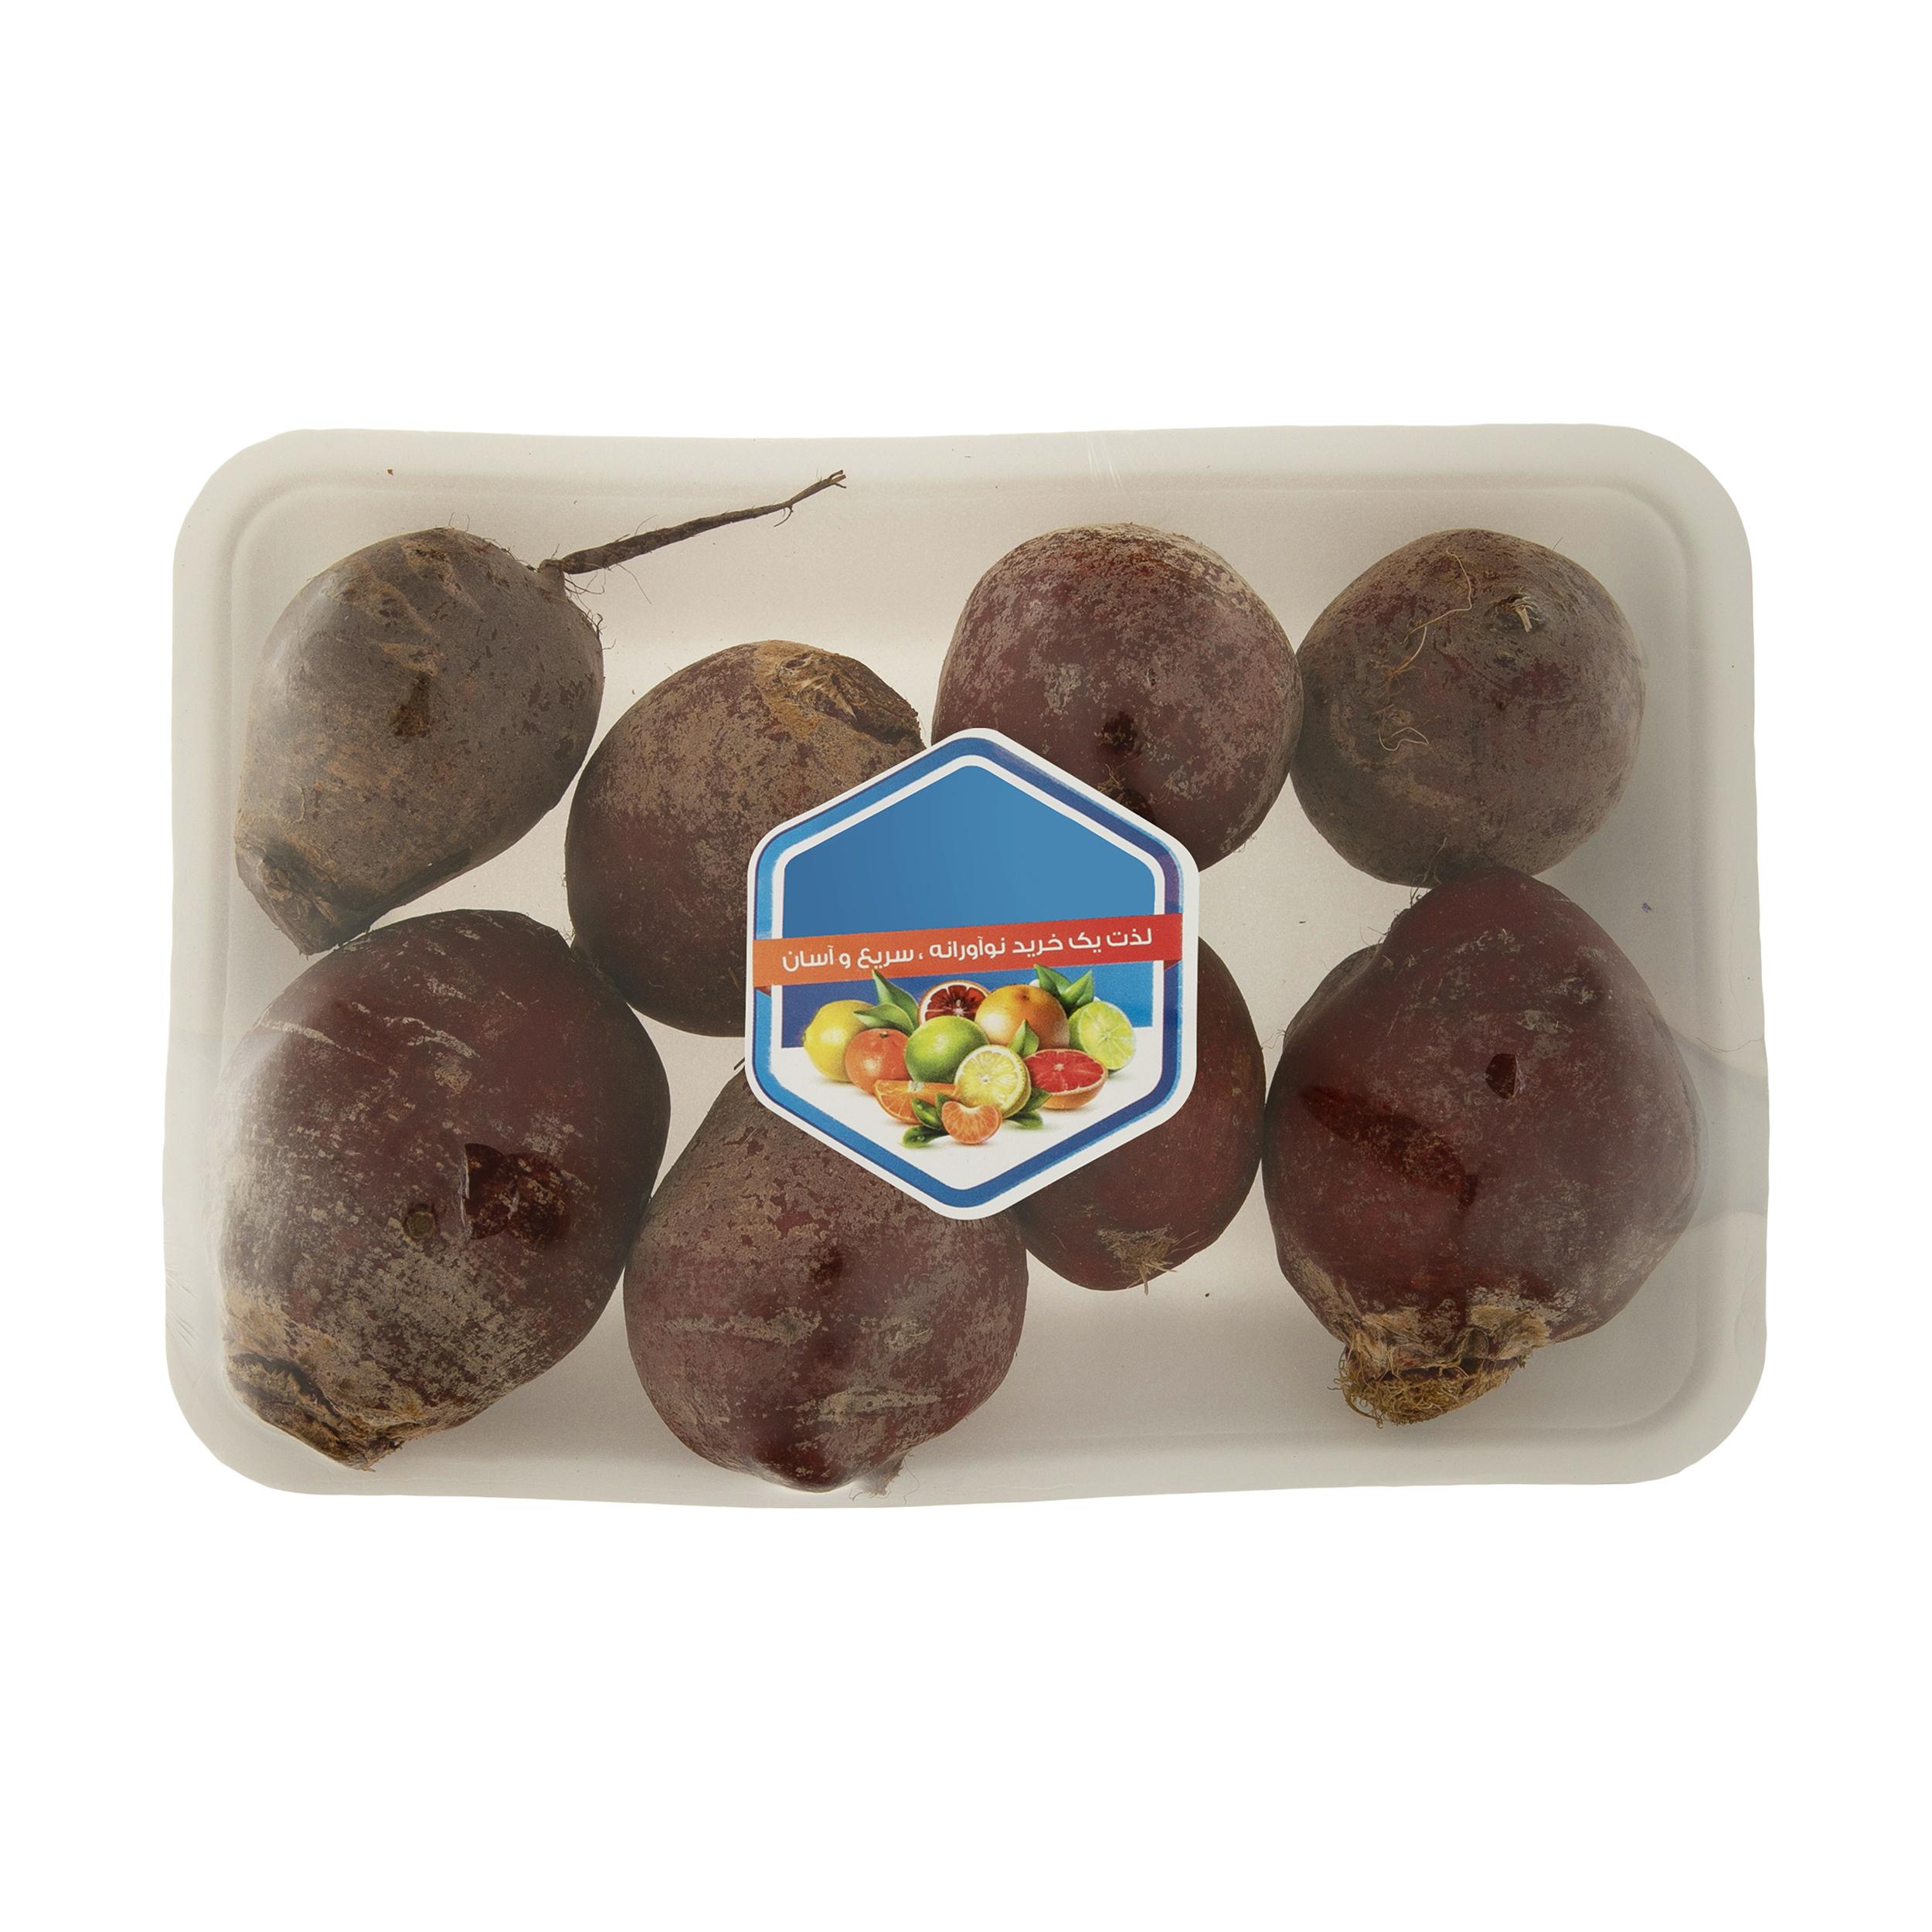 چغندر میوه پلاس - 1 کیلوگرم